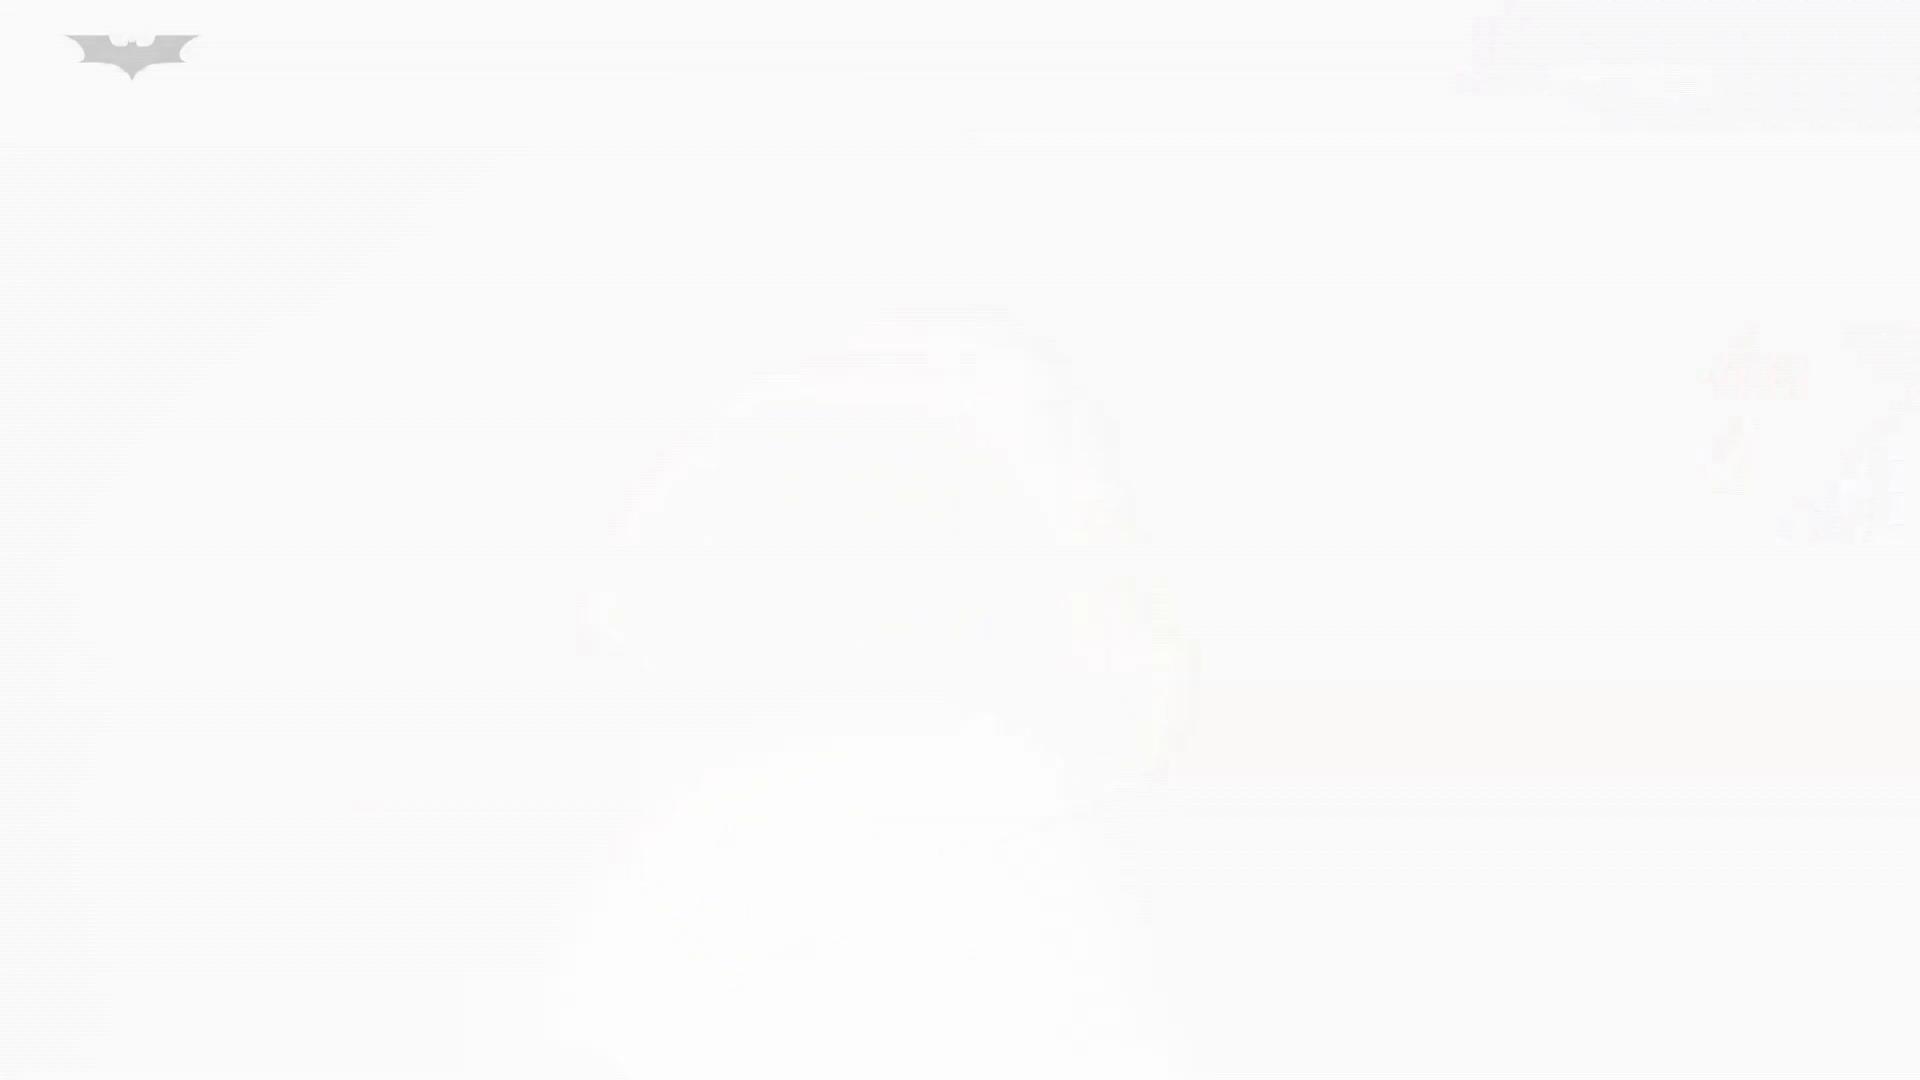 和式洋式七変化 Vol.32 綺麗な子連続登場 ギャル  81PIX 39